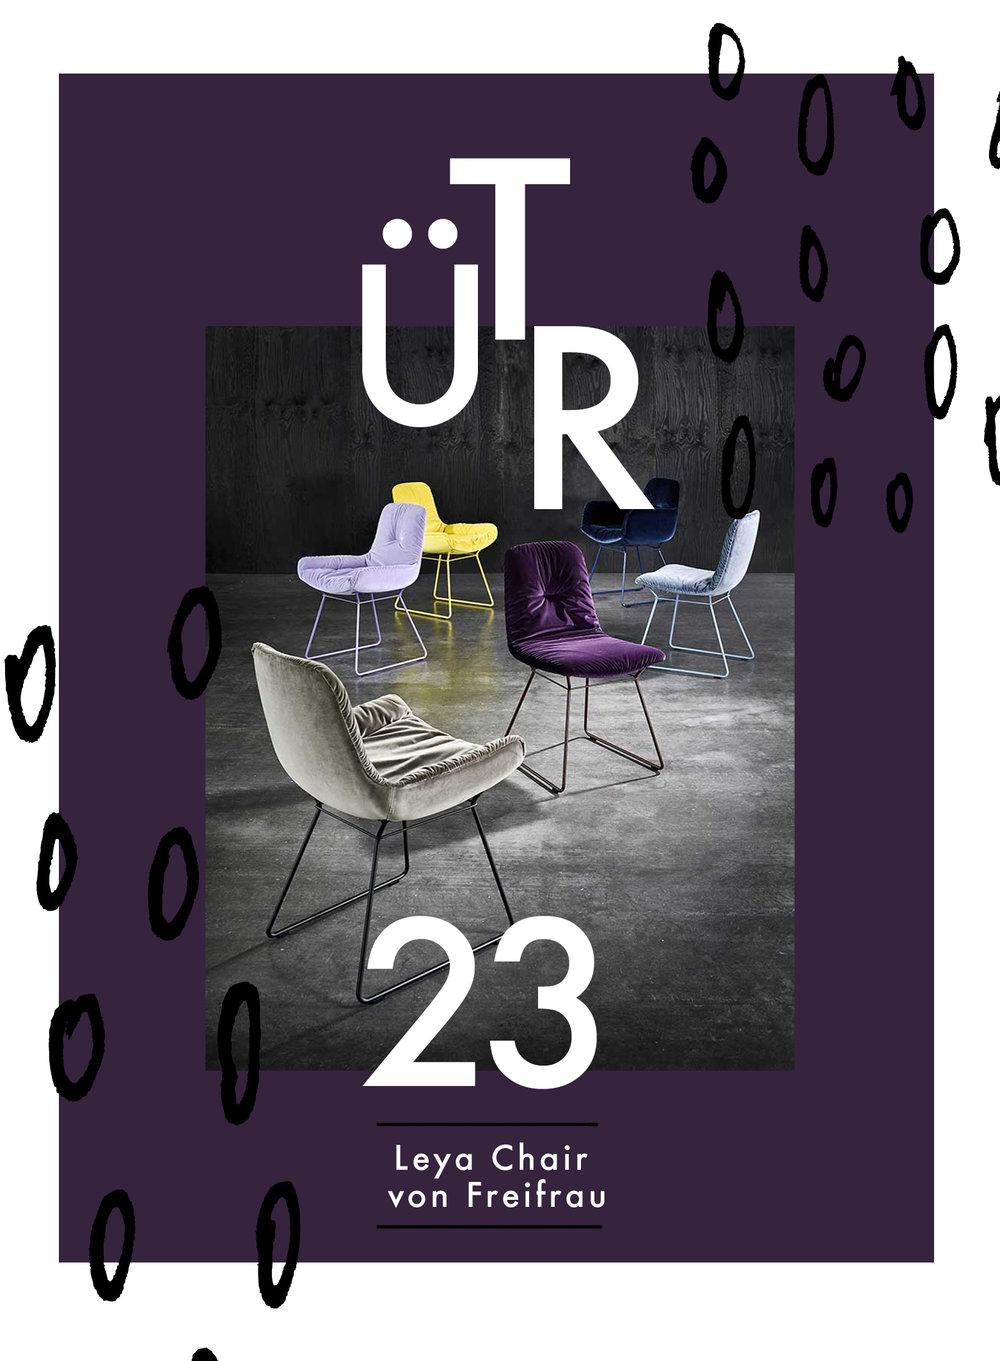 Tür 23: Leya Chair von Freifrau